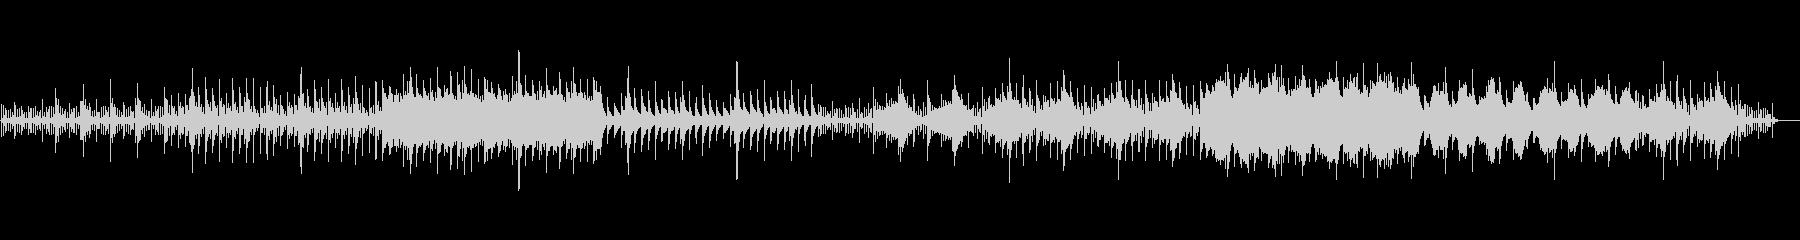 ピアノを使用したミニマルなアンビエントの未再生の波形